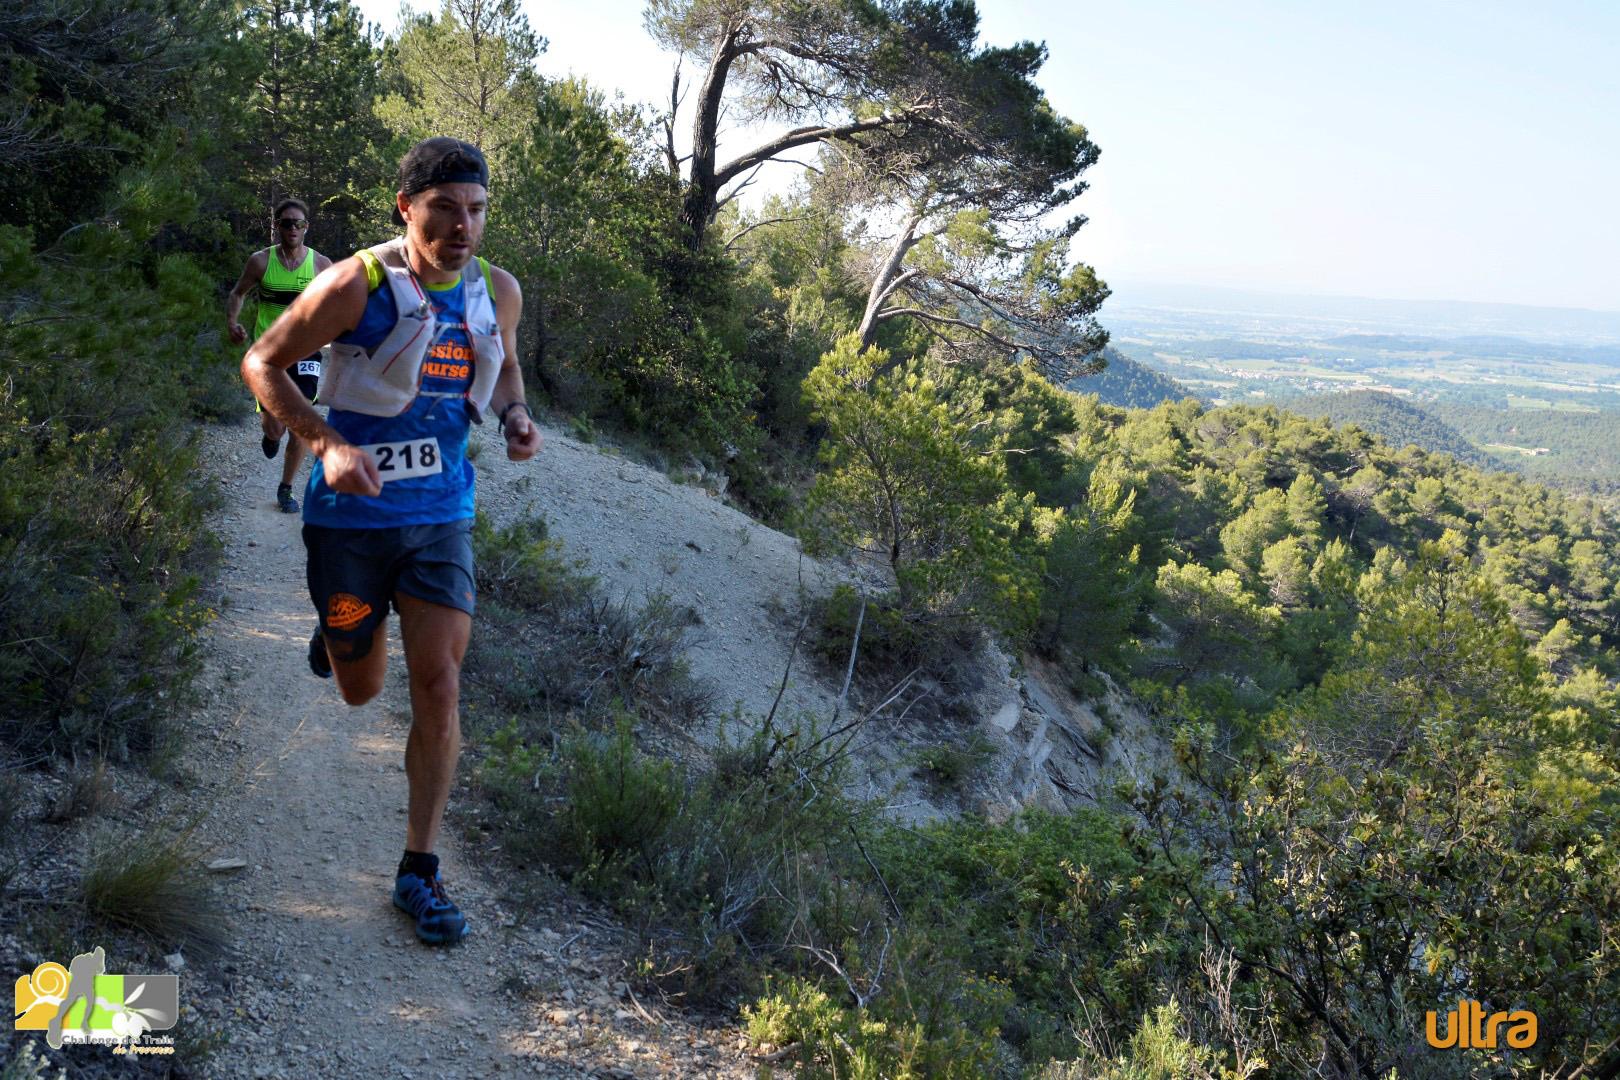 Amandine Ferrato et Stéphane Begaud, vainqueurs du Trail du Grand Luberon